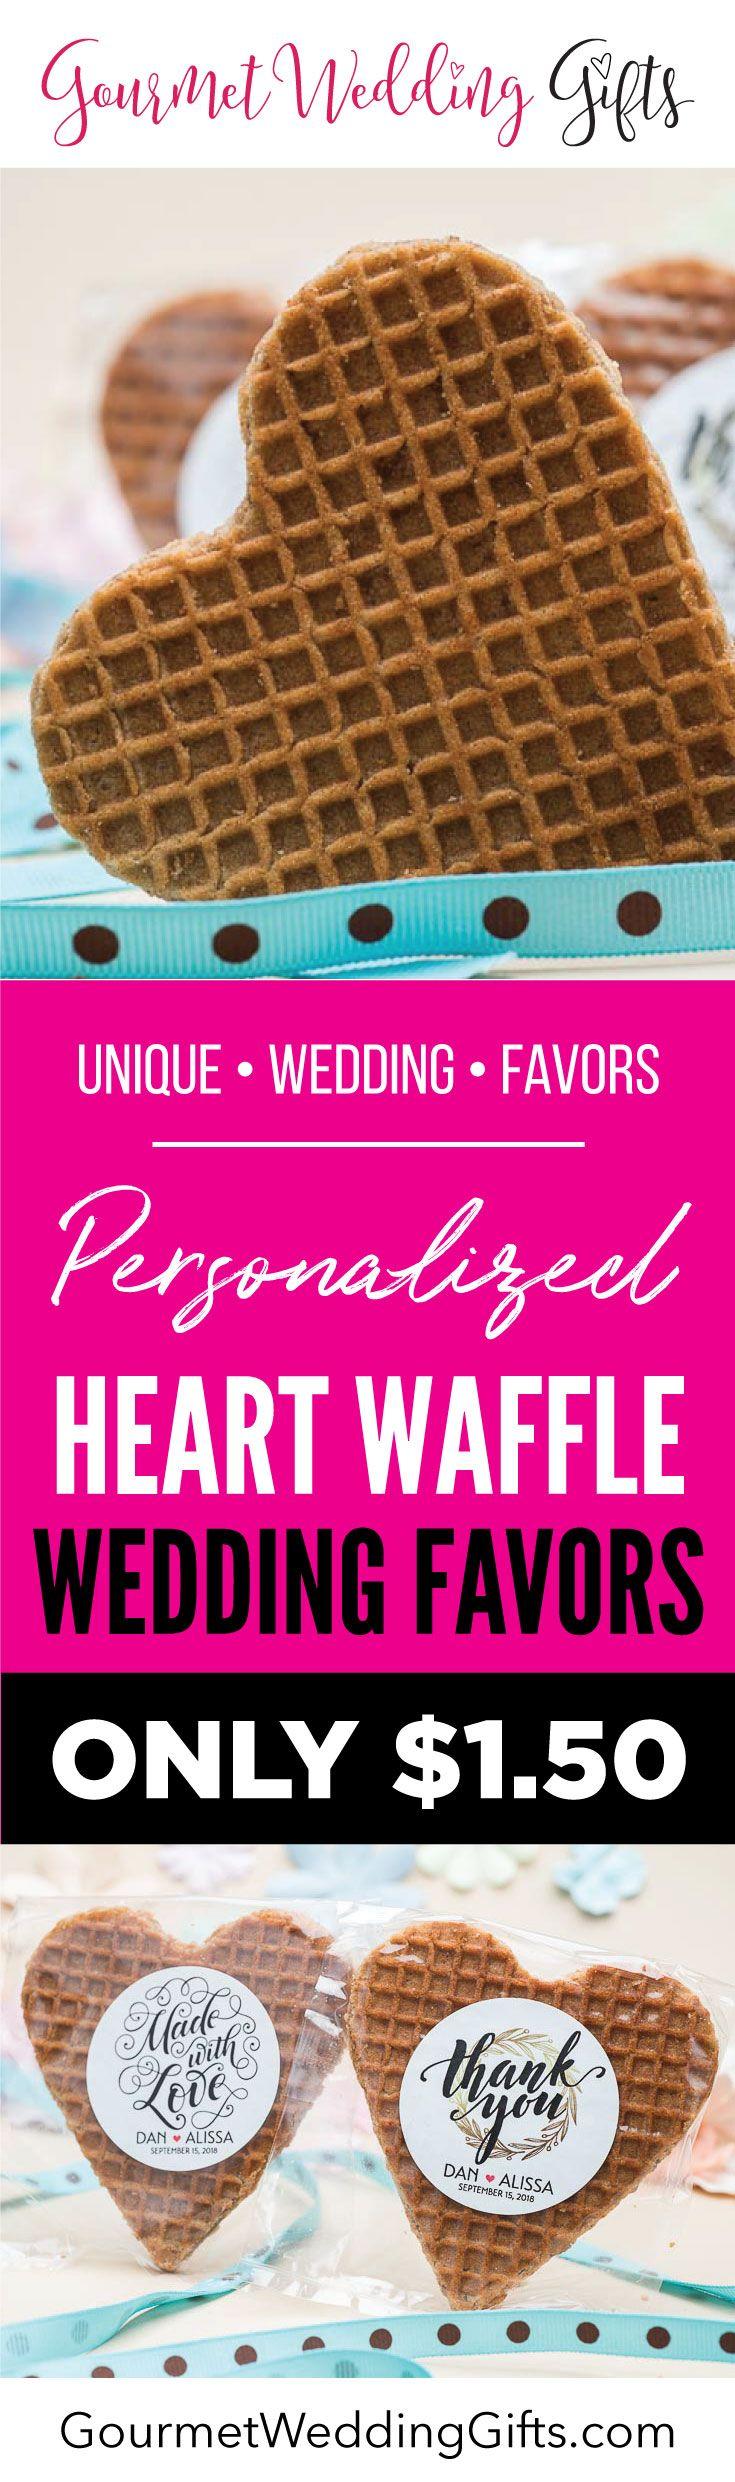 Personalized Heart Stroopwafel Wedding Favors